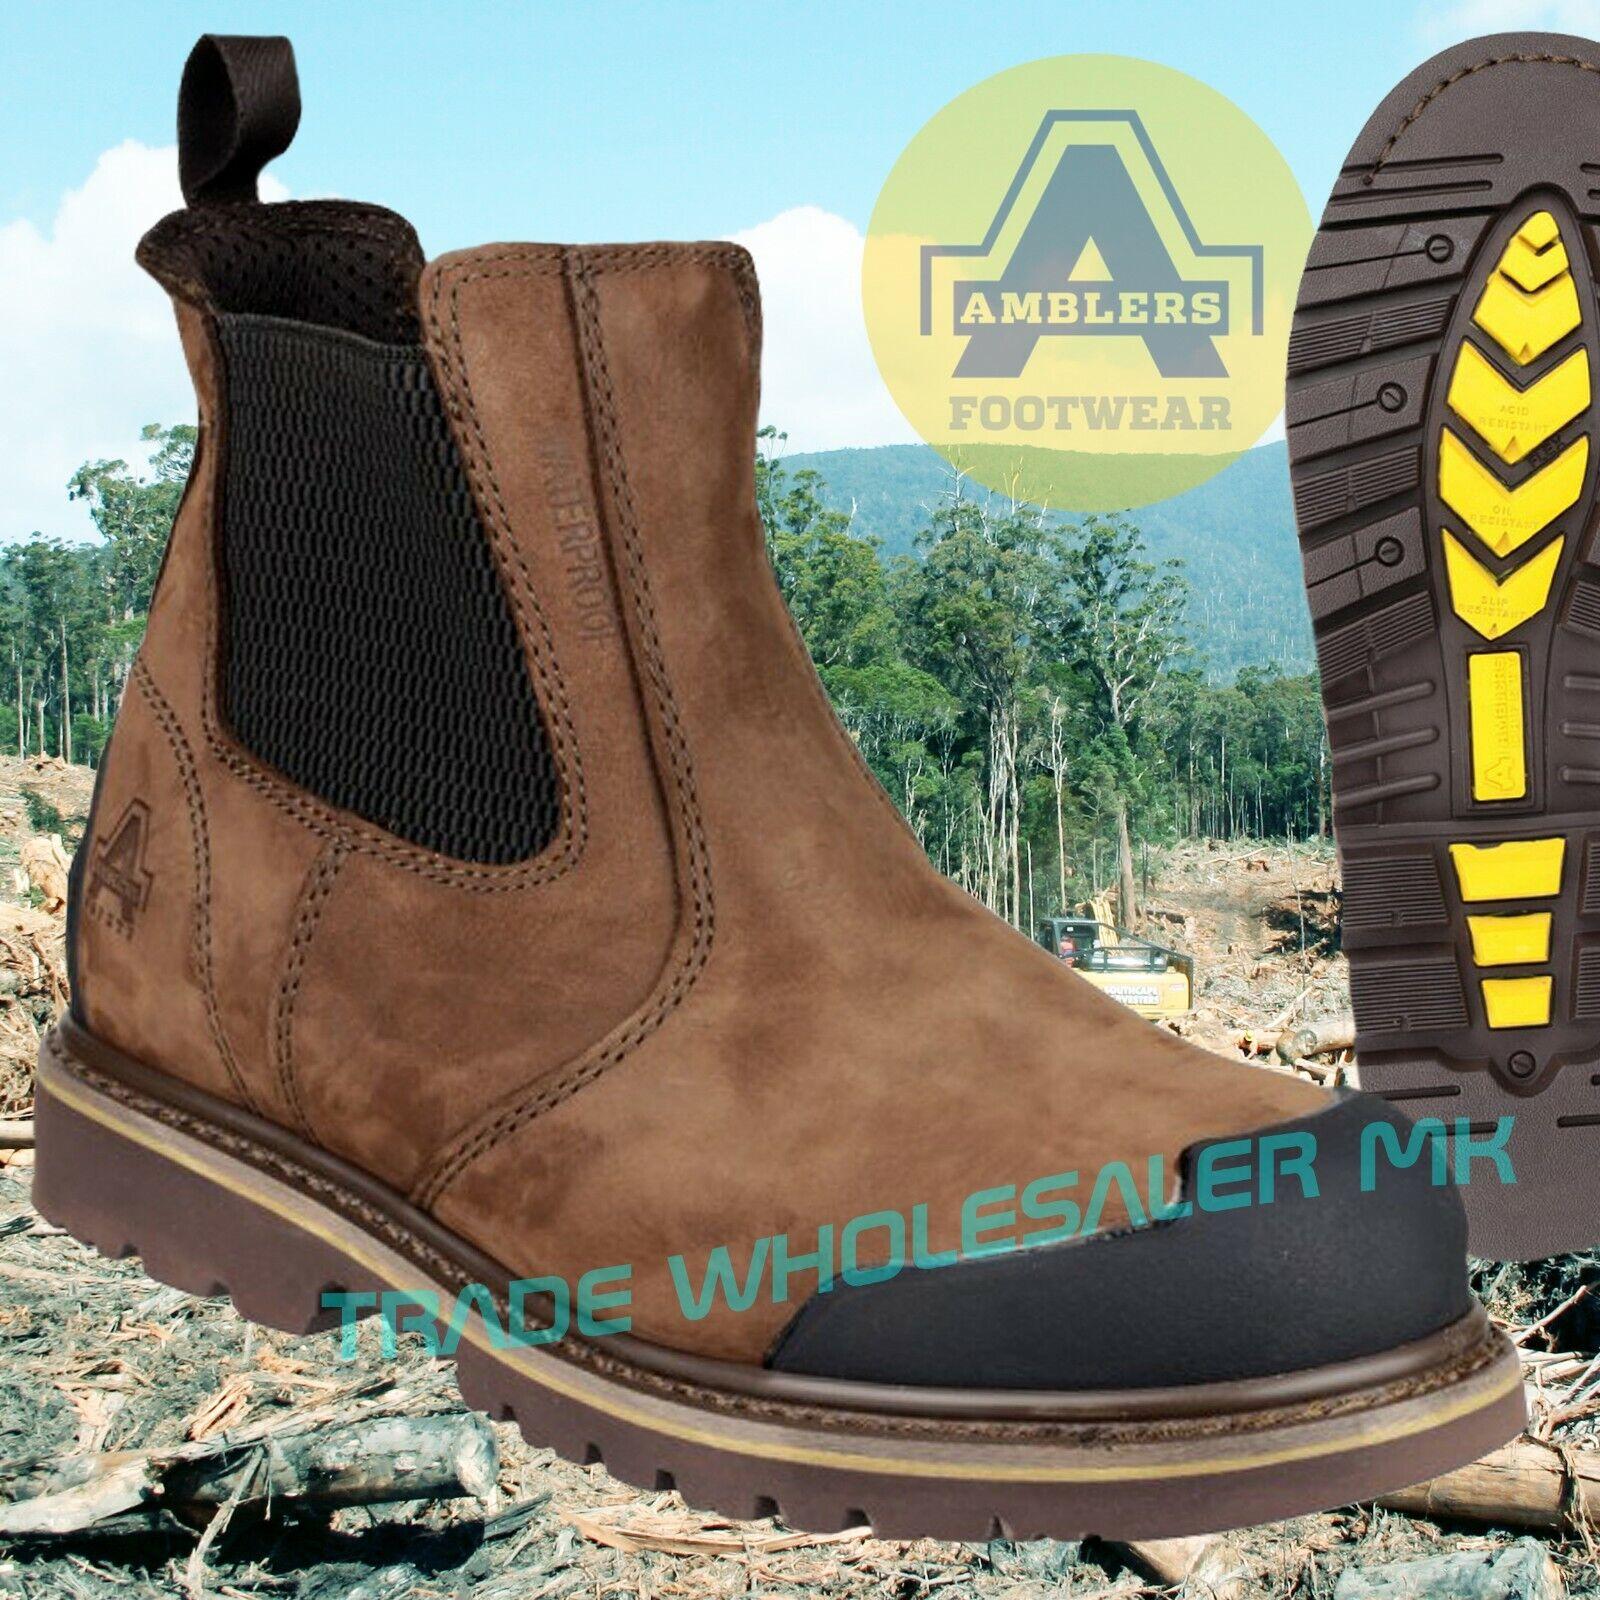 Amblers braun braun braun Dealer Safety Stiefel Größes 6-13 FS225 Toecap & Midsole    | Modern Und Elegant  ece97e